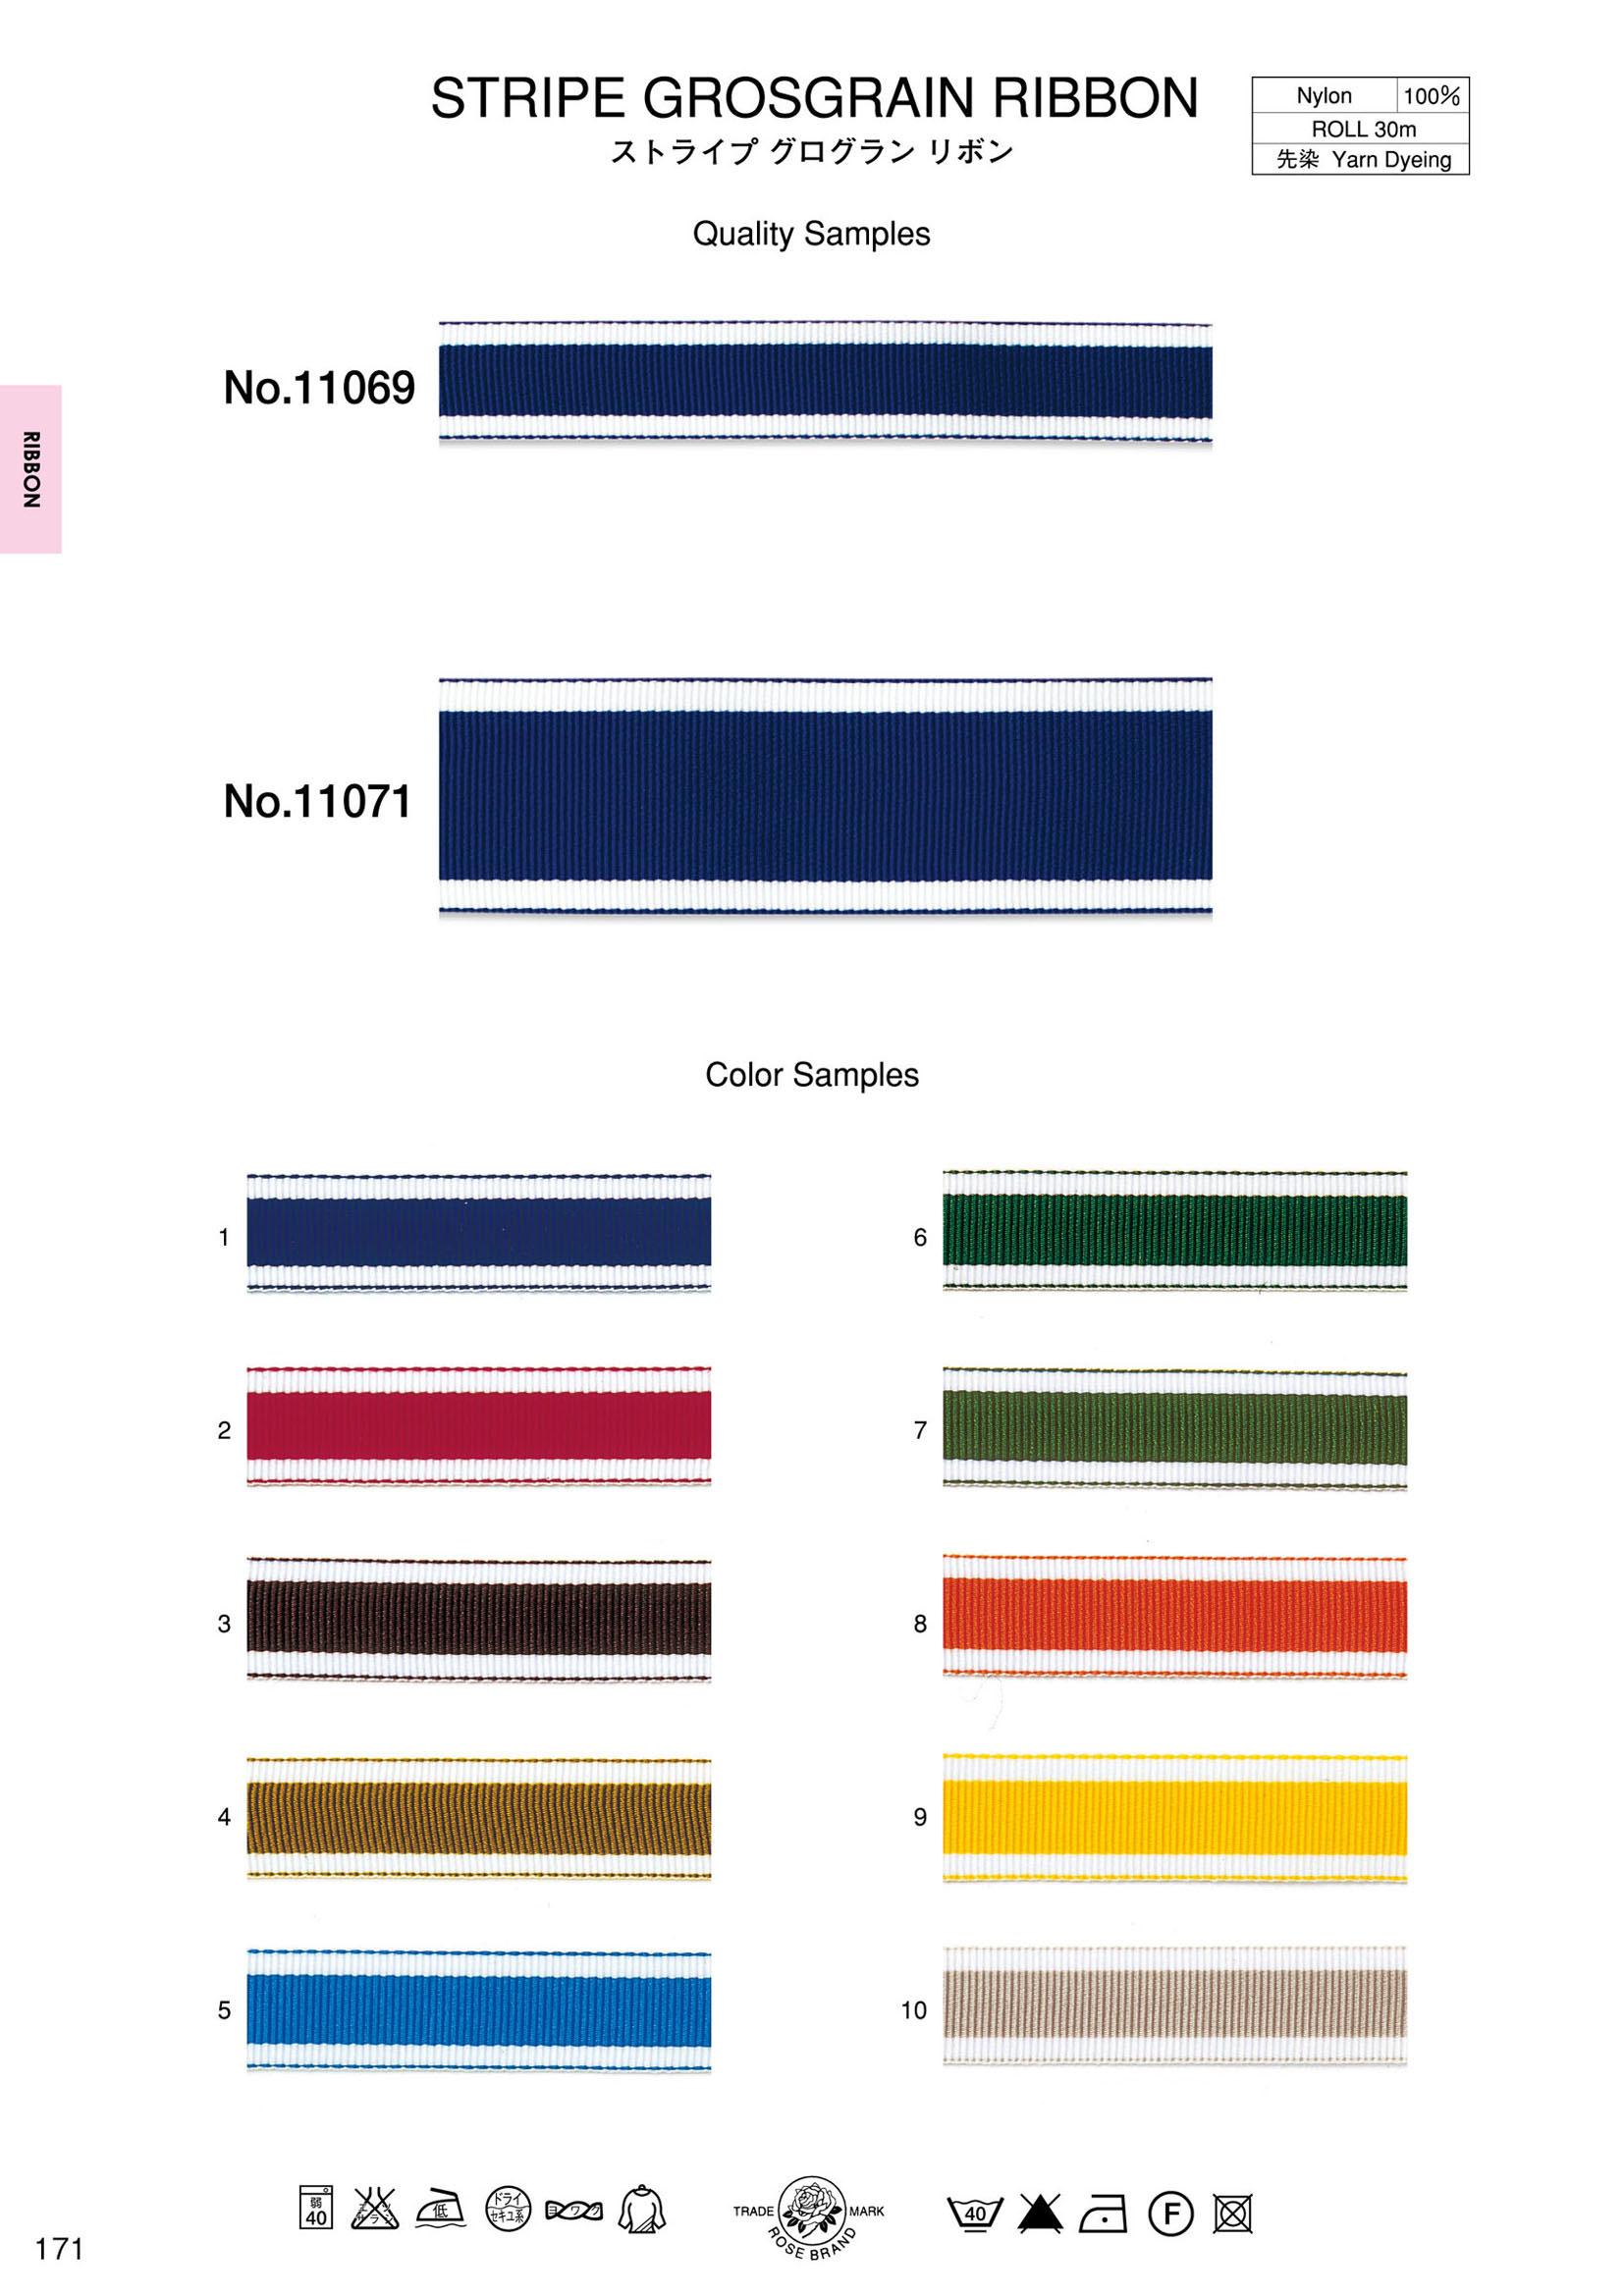 11071 ストライプグログランリボン[リボン・テープ・コード] ROSE BRAND(丸進)/オークラ商事 - ApparelX アパレル資材卸通販